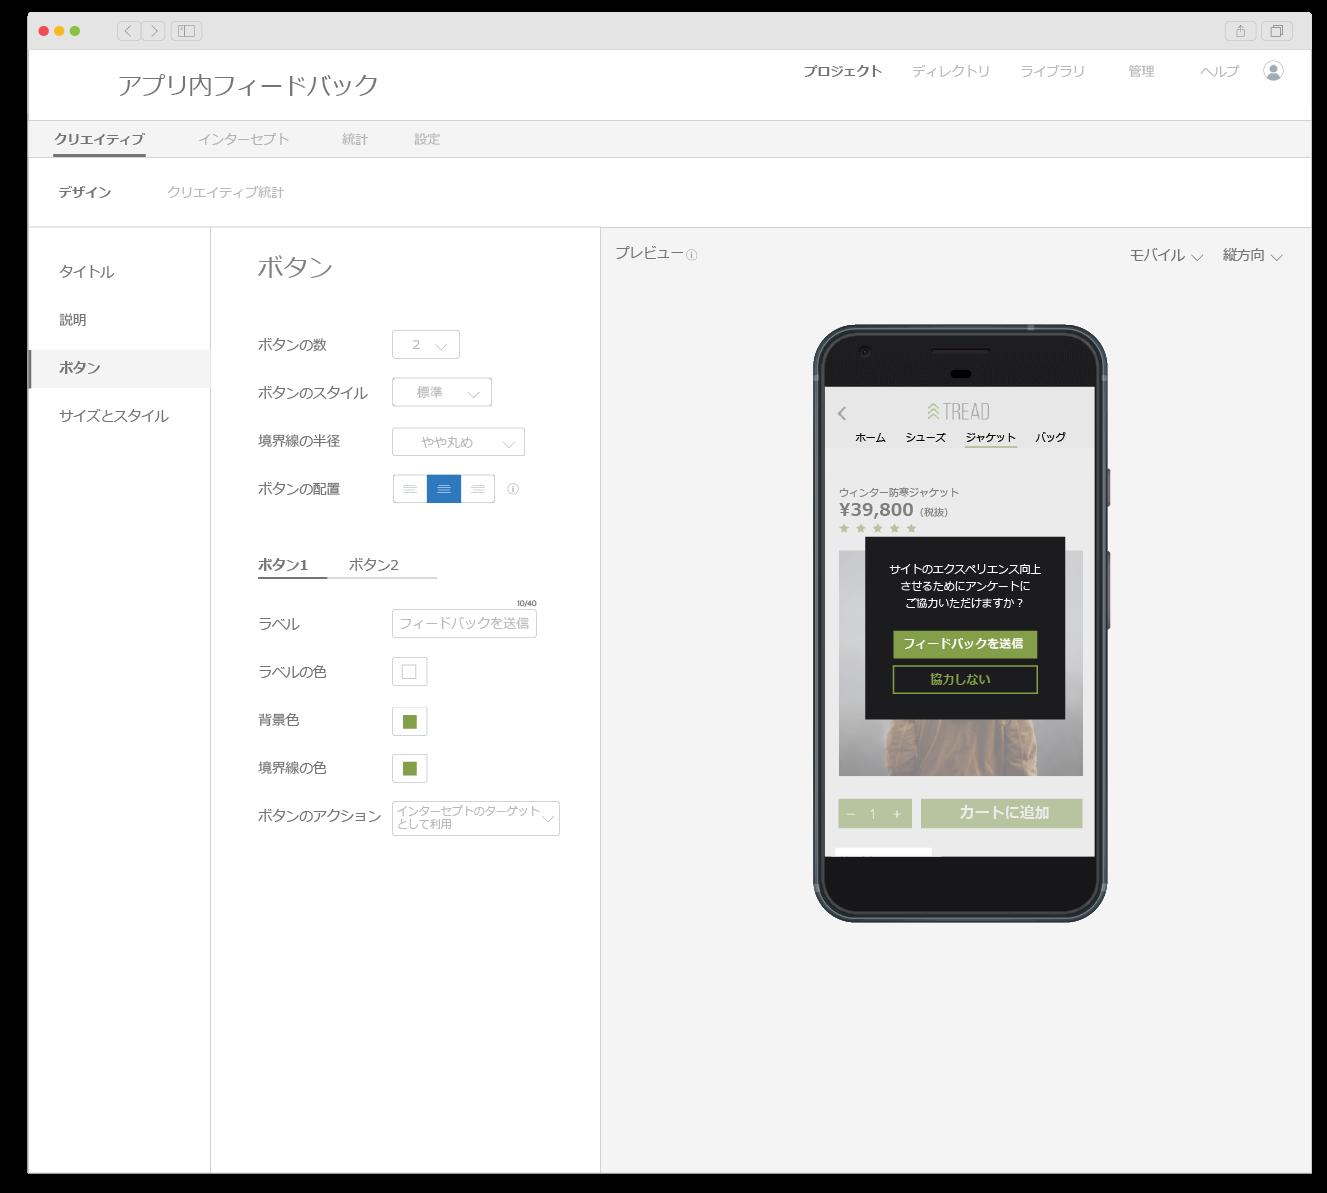 クアルトリクス アプリ内のデザイナーポータルのフィードバックを行うデジタルCXの画像イメージ